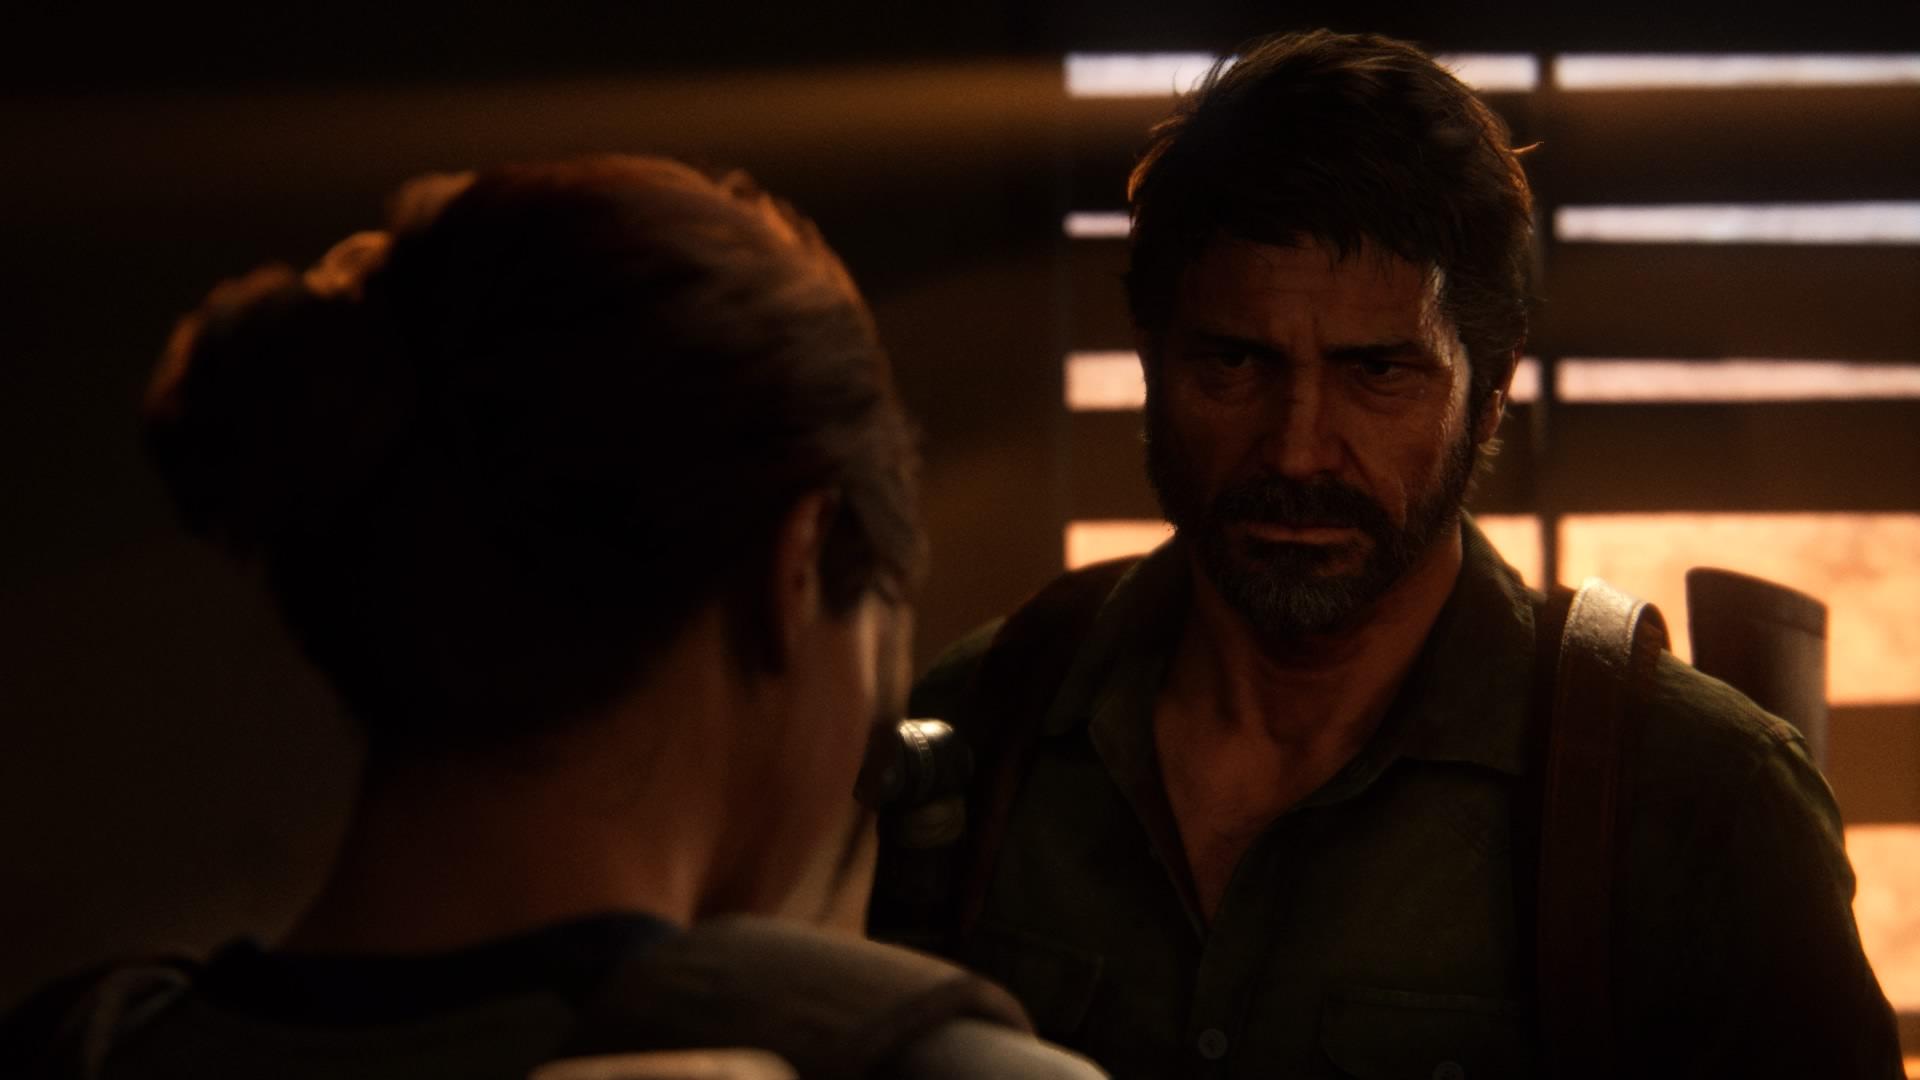 Ellie Will Mit Joel über Ihre Firefly-OP Reden, Doch Joel Weicht Ihr Aus.